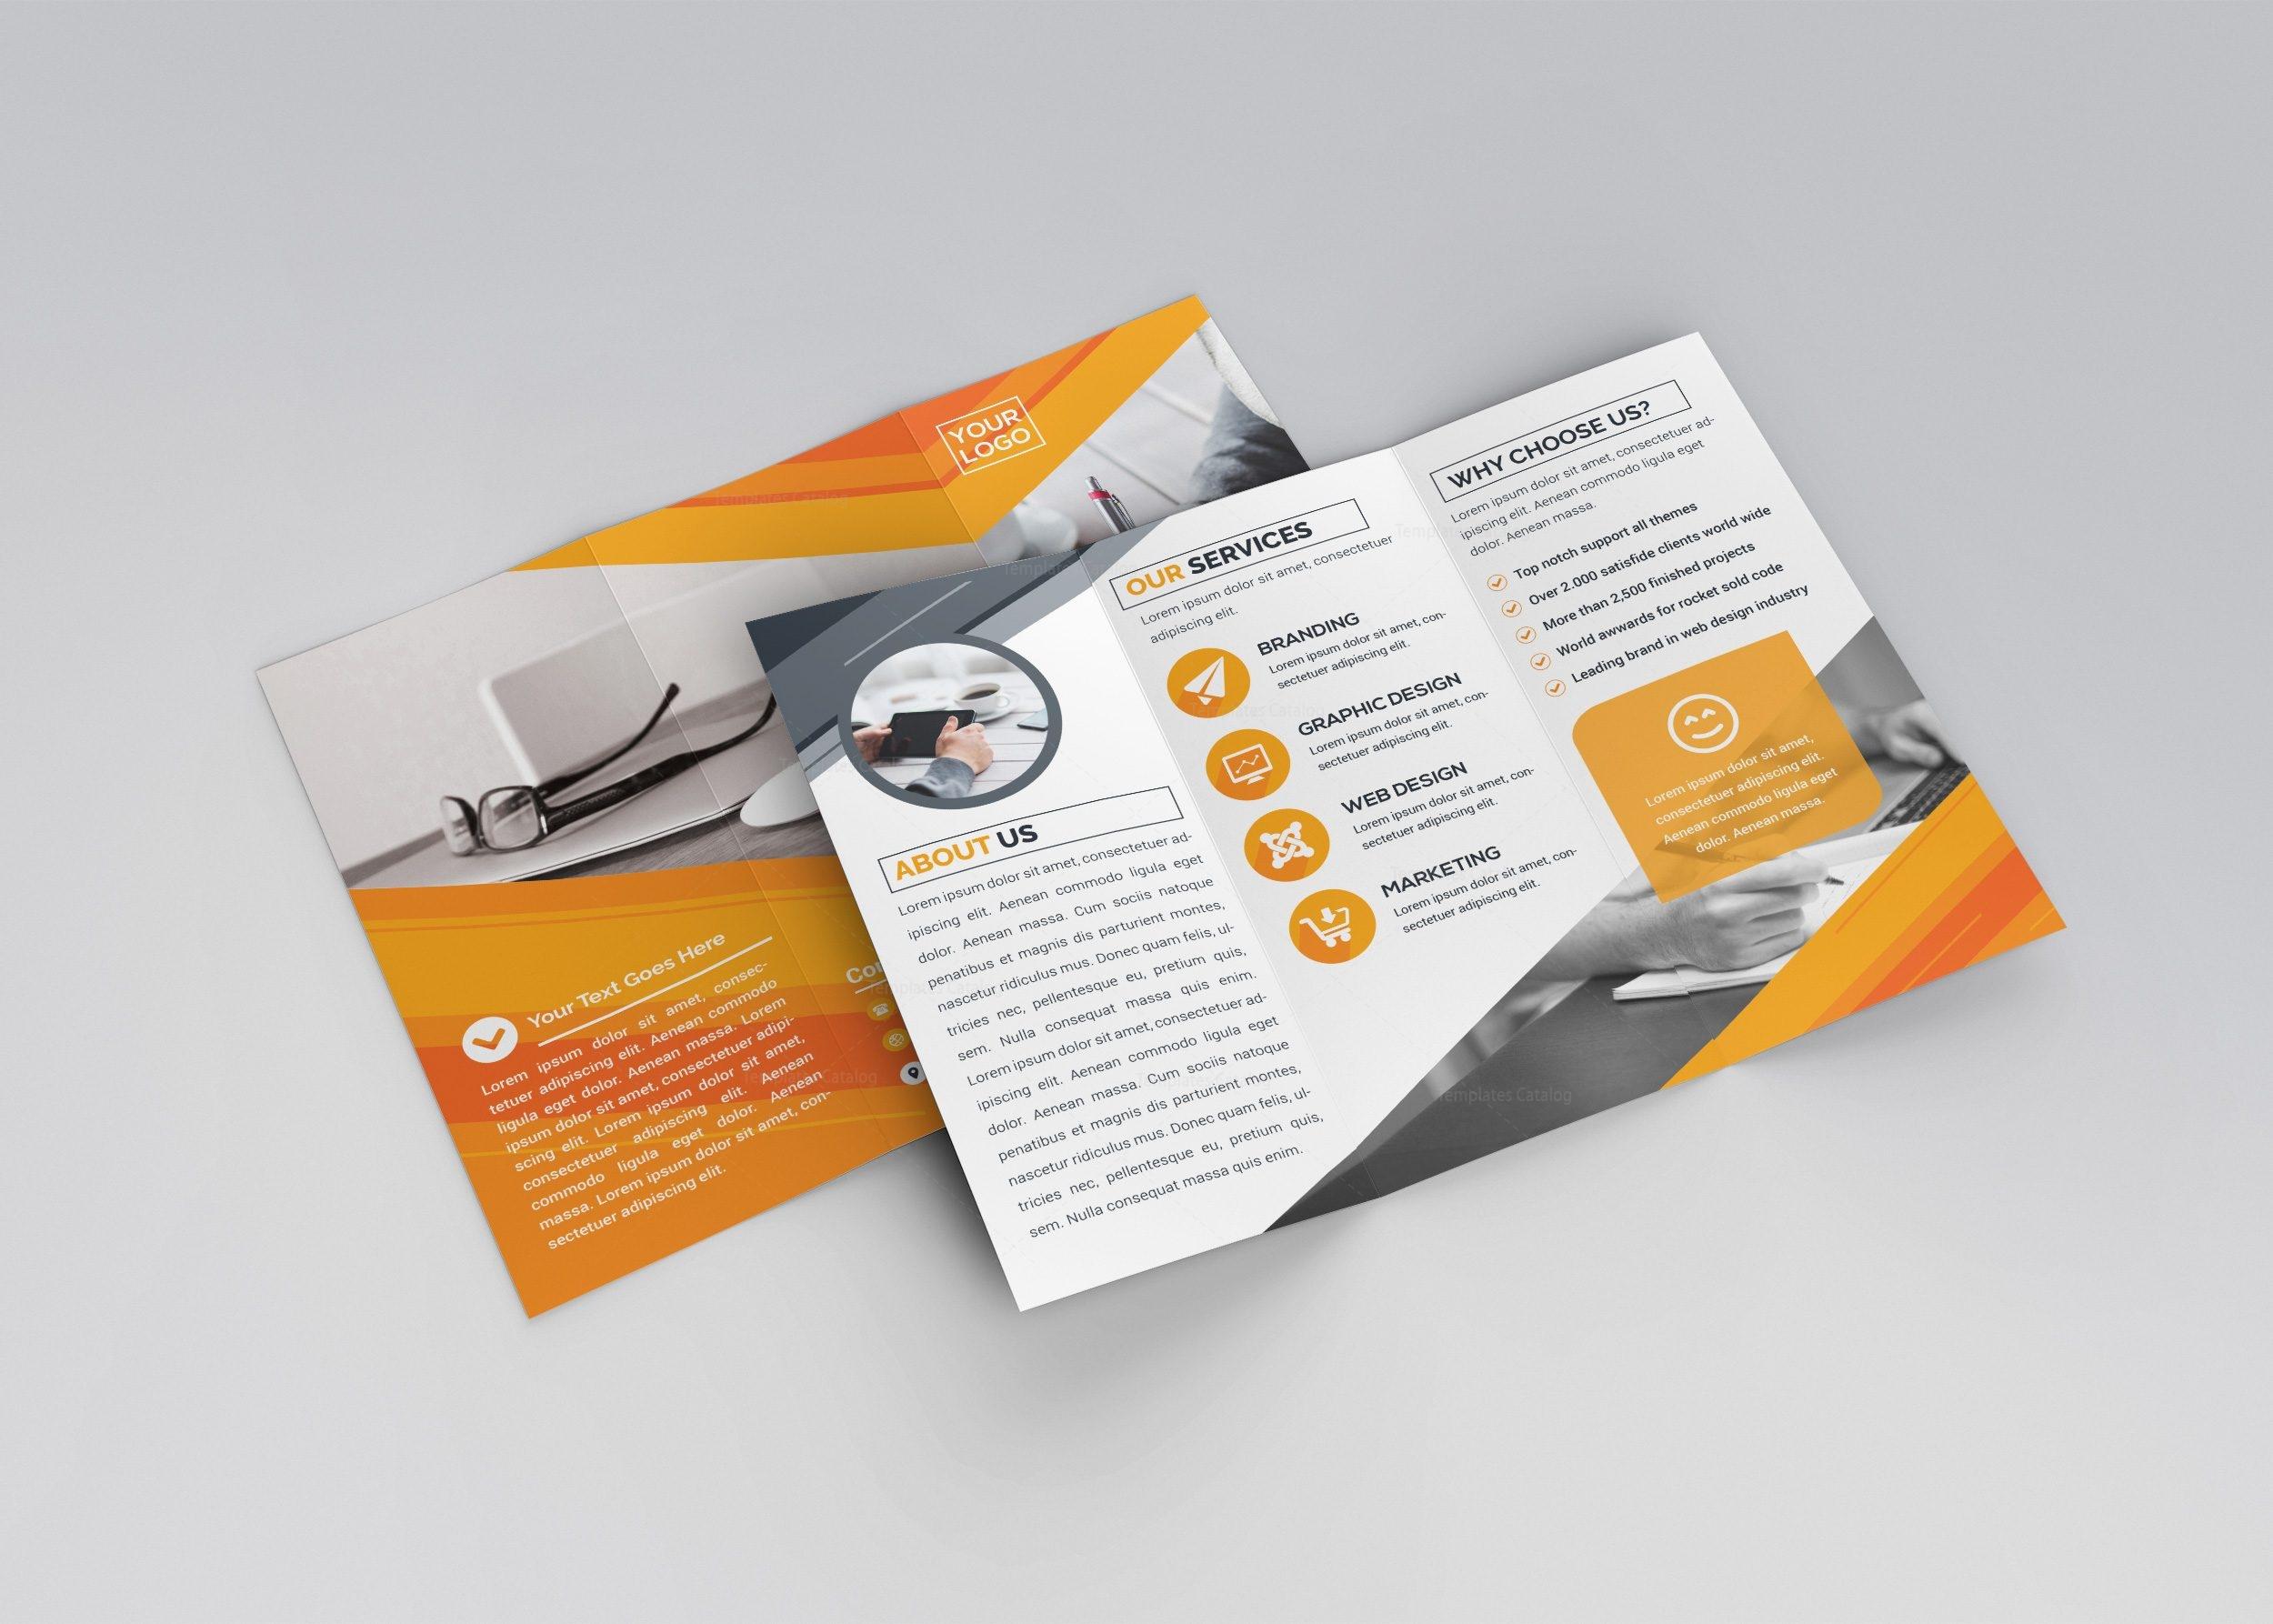 Apollo Professional TriFold Brochure Template Template Catalog - Professional brochure templates